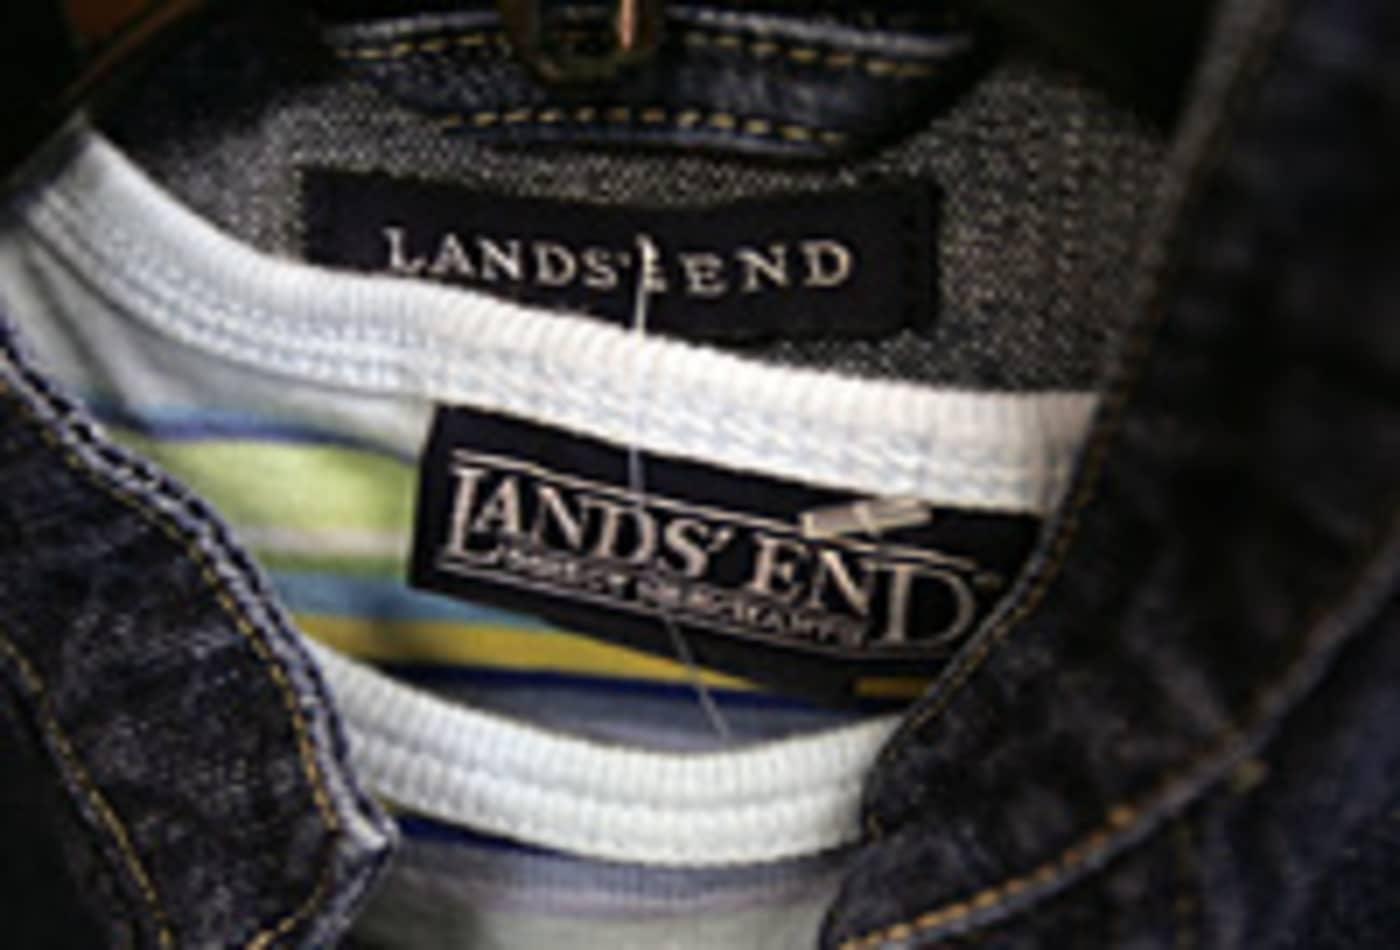 Lands-End-200.jpg